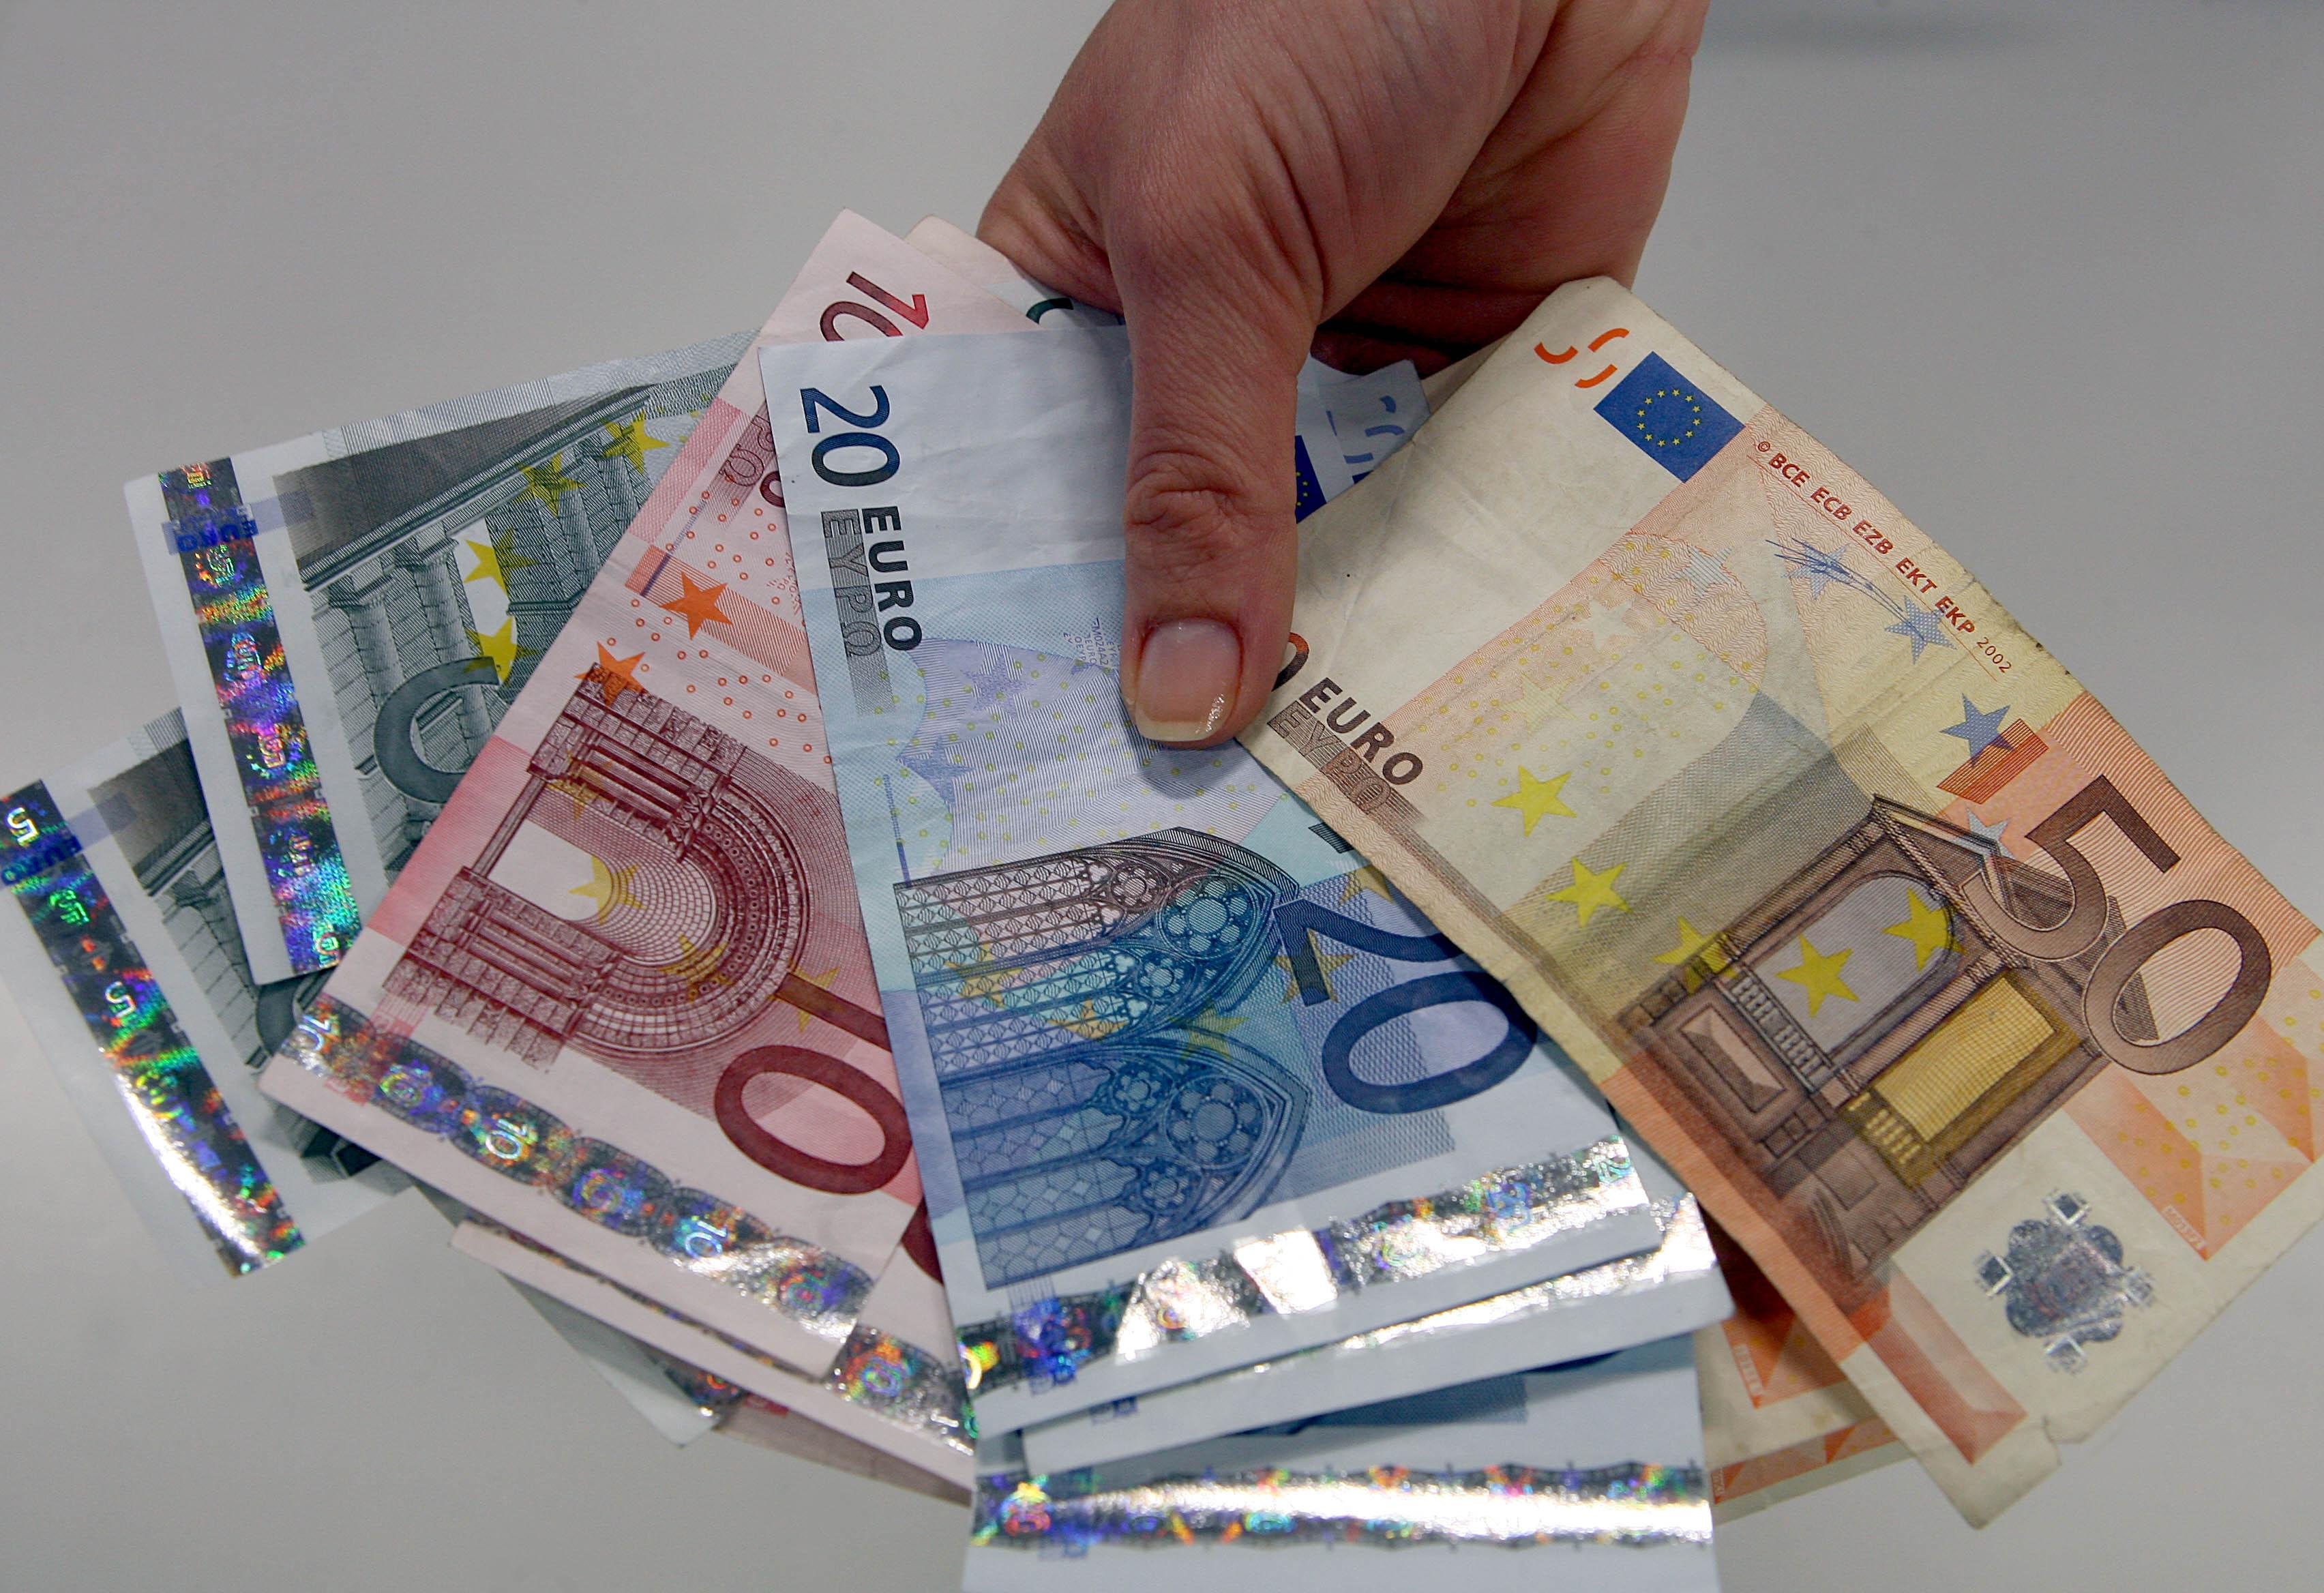 Poder de compra em Portugal sobe para 76,8% da média da UE em 2018 - INE